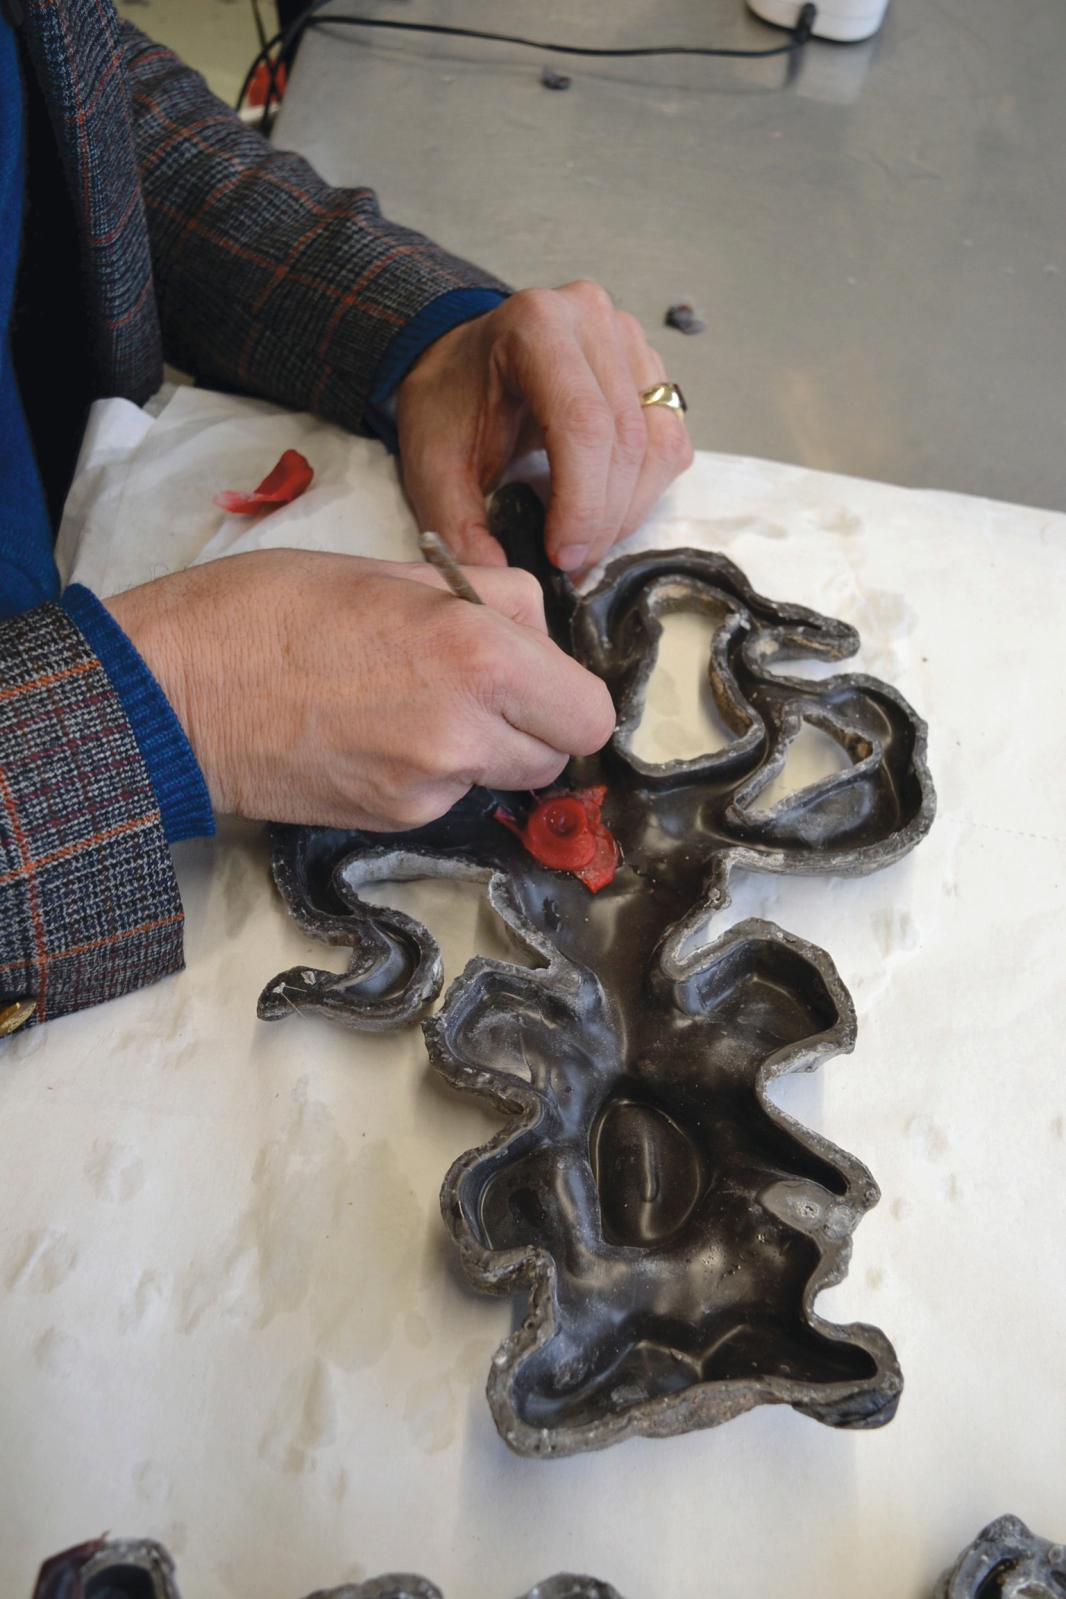 Johan Creten apposant sa signature sur une sculpture en cire: ses initiales et l'intaille de sa bague antique.